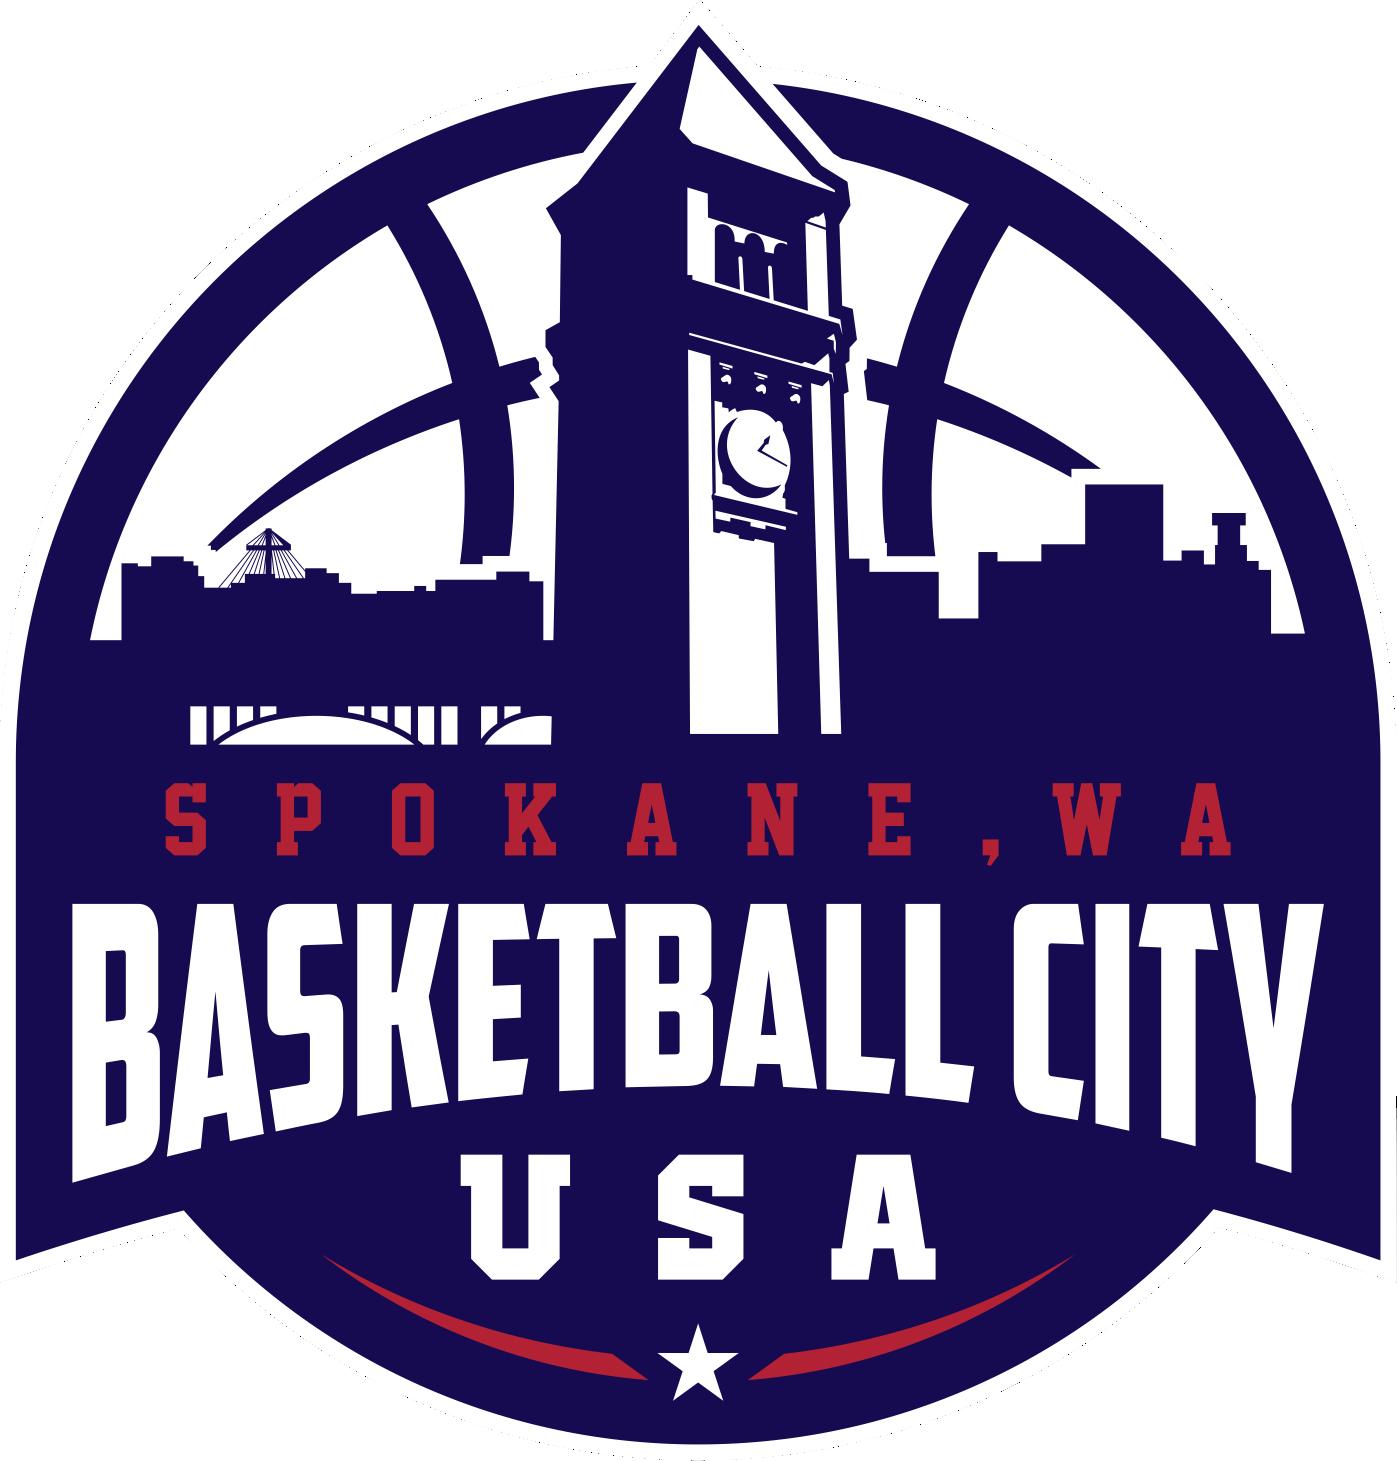 Basketball City, U.S.A.